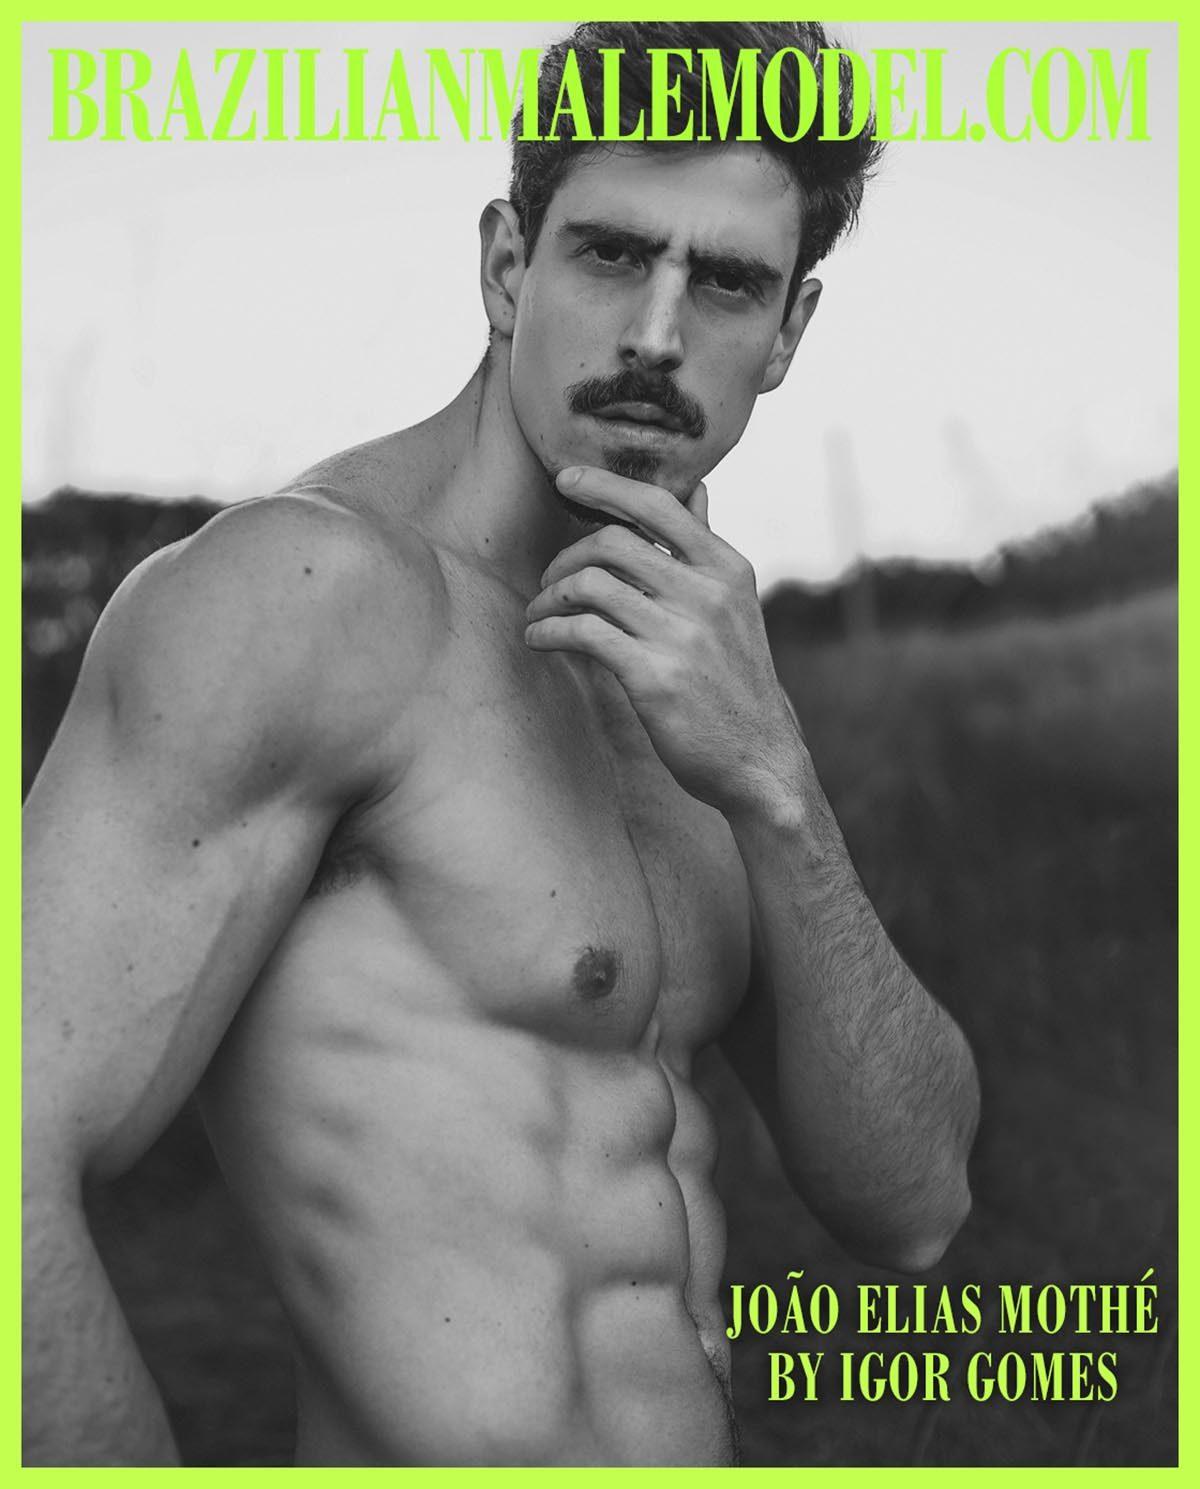 João Elias Mothé by Igor Gomes